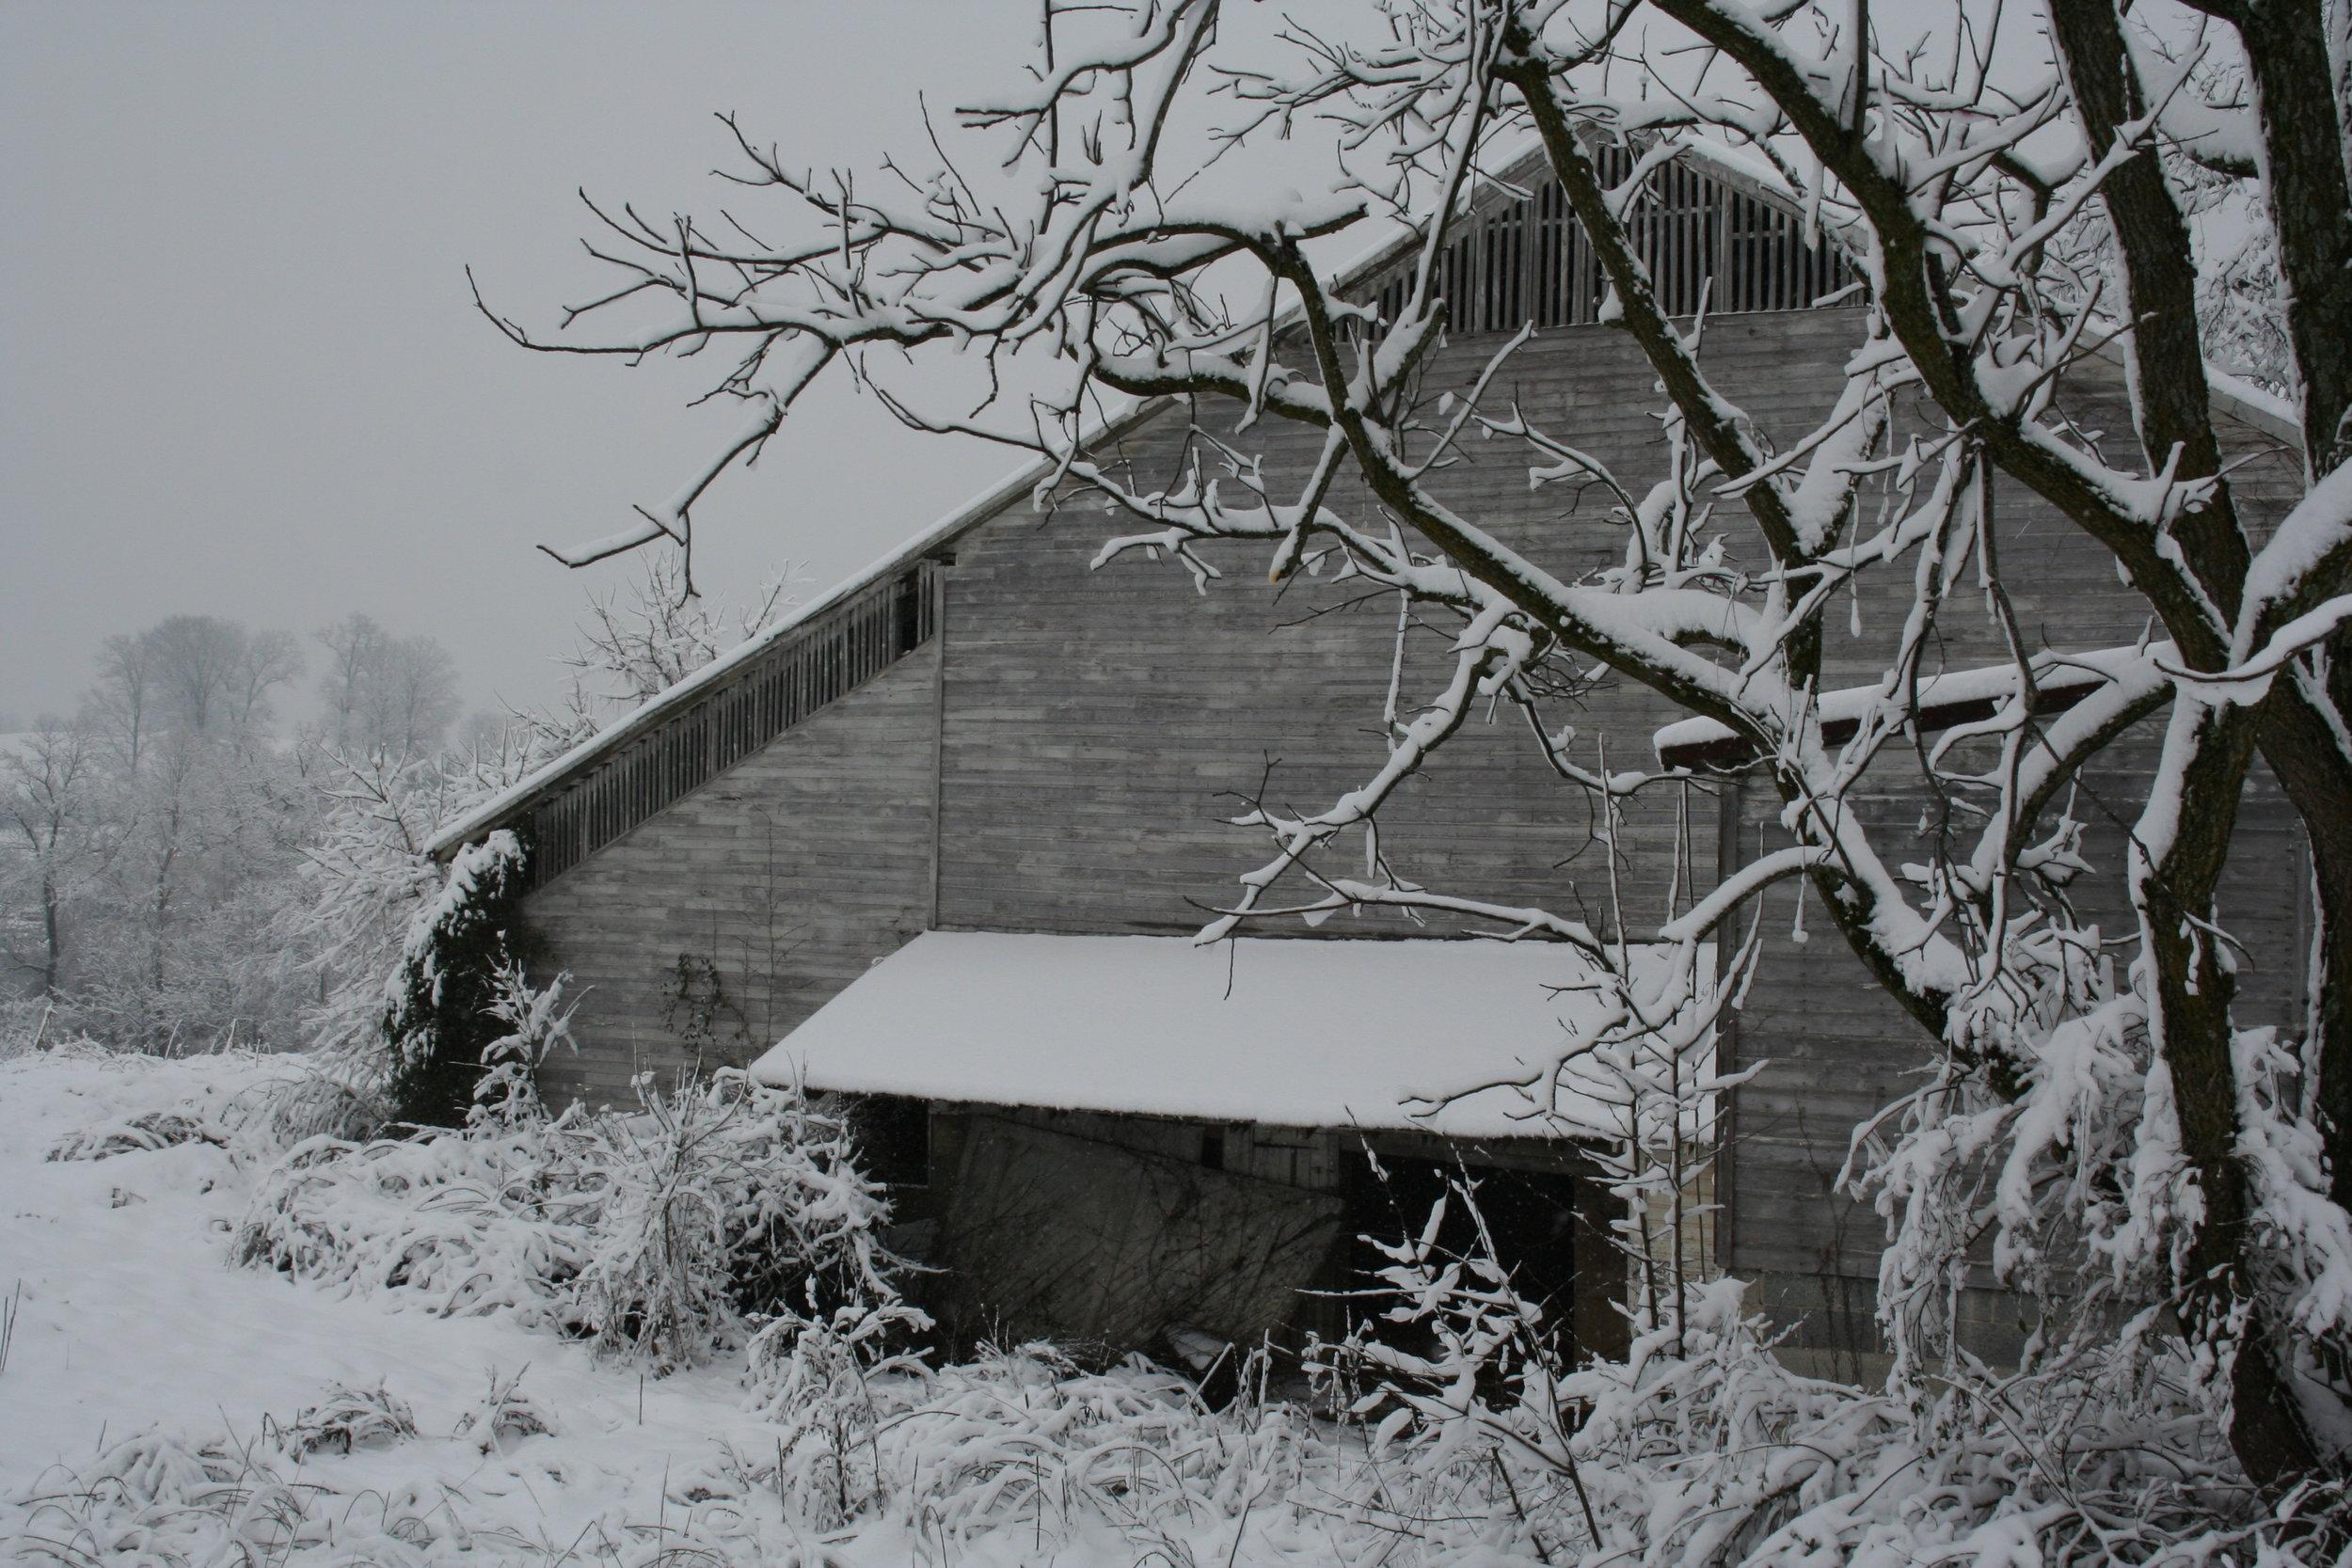 Abandoned Barn Johnson City, TN